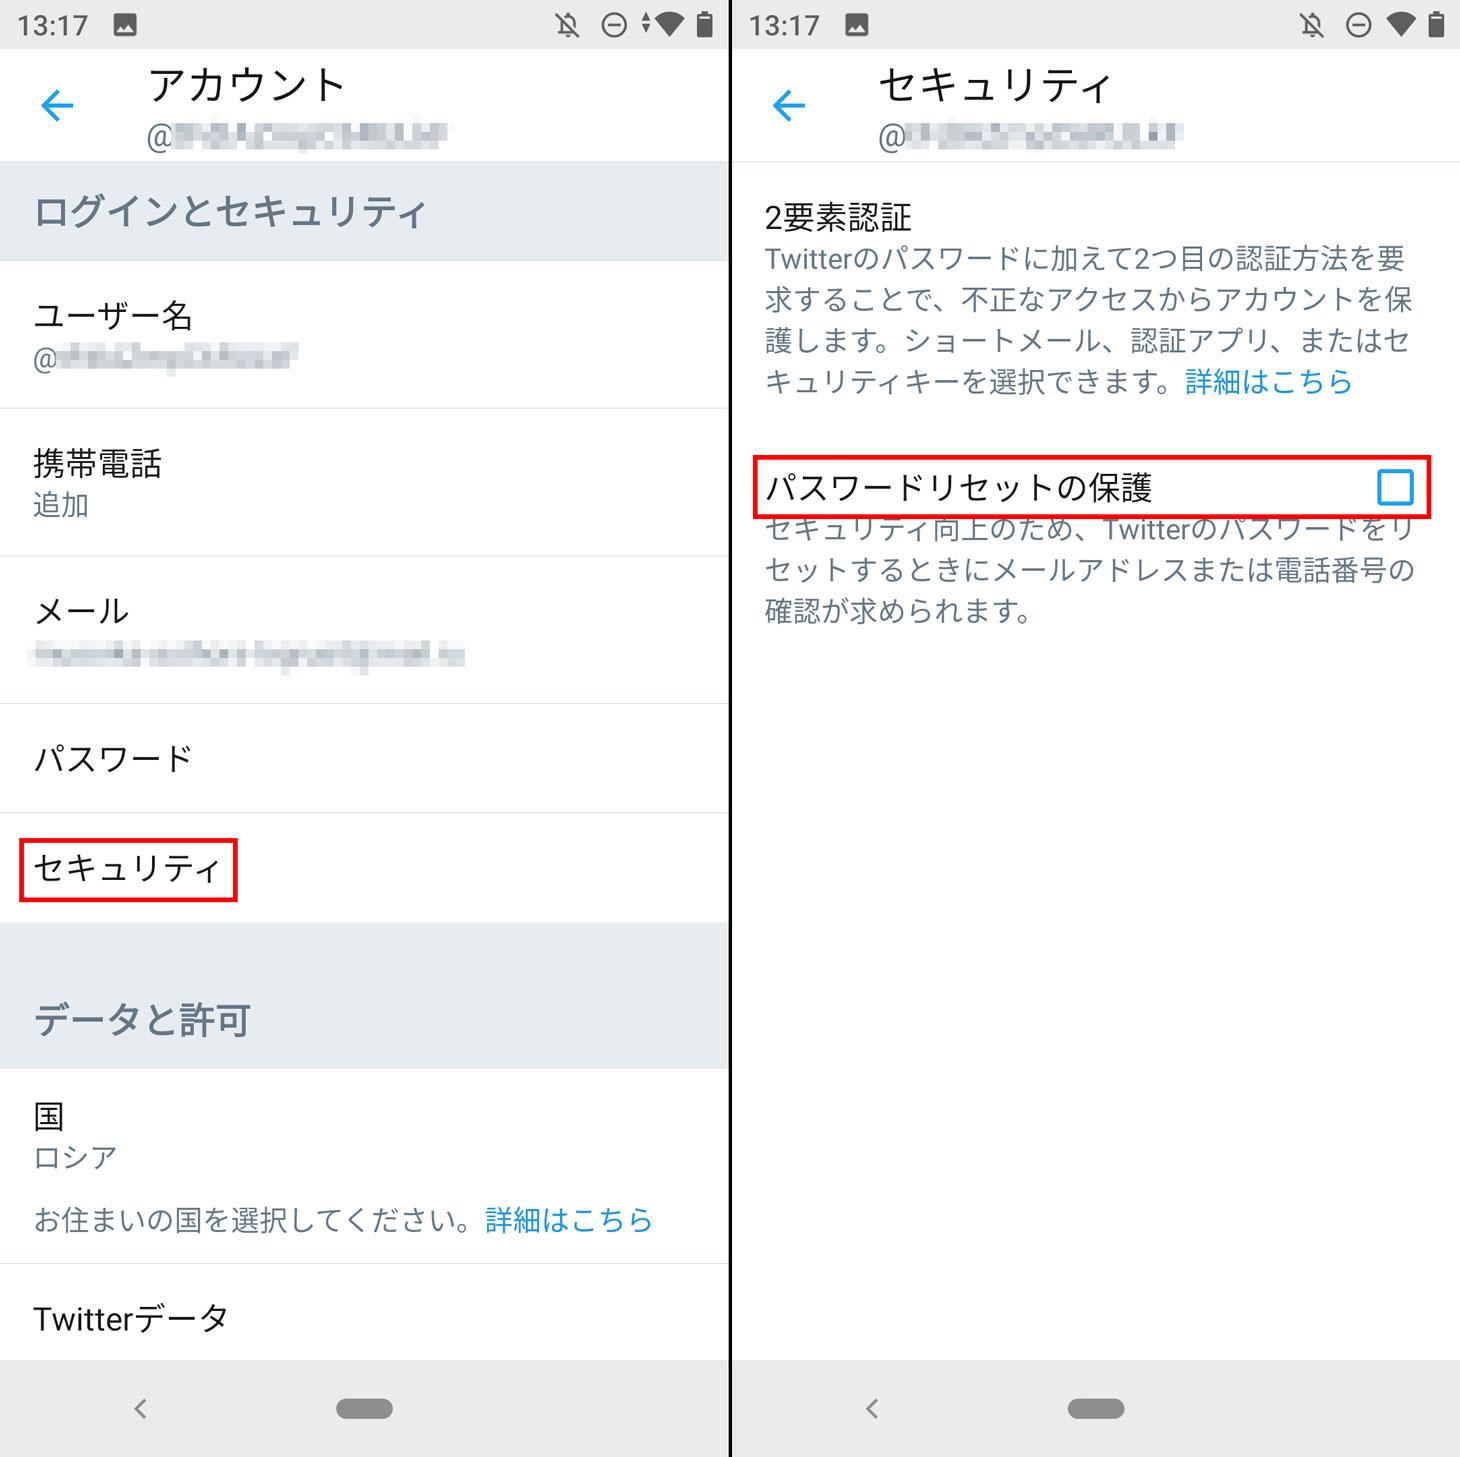 Twitterのパスワードを変更されないようにする方法